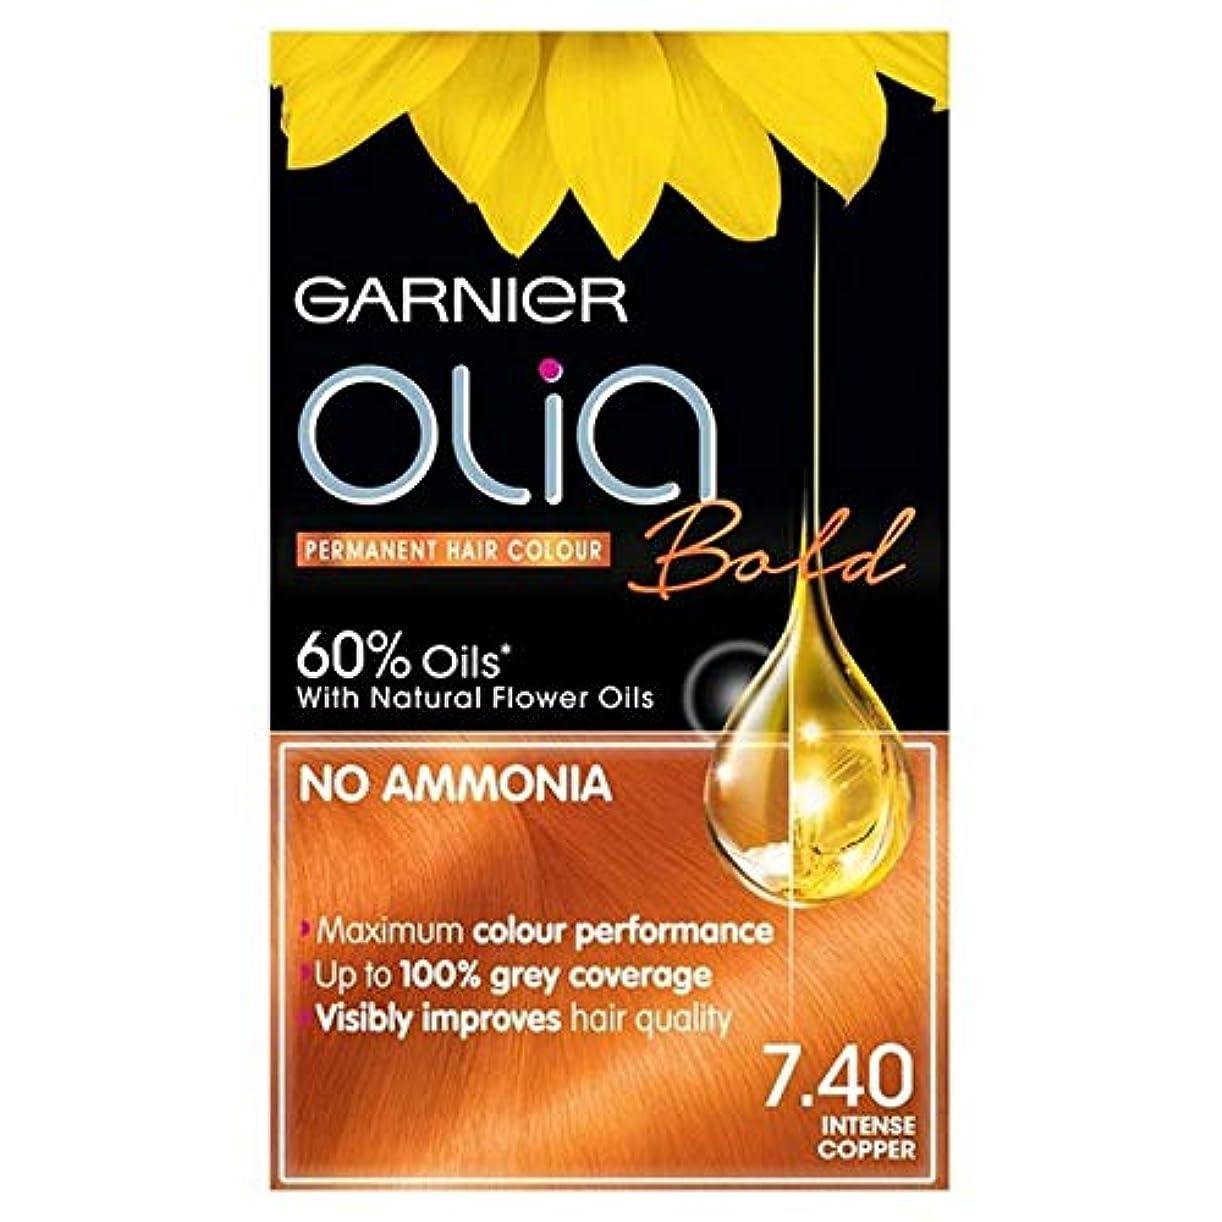 死傷者ビデオ子羊[Garnier ] 7.40強烈銅永久染毛剤Oliaガルニエ - Garnier Olia 7.40 Intense Copper Permanent Hair Dye [並行輸入品]